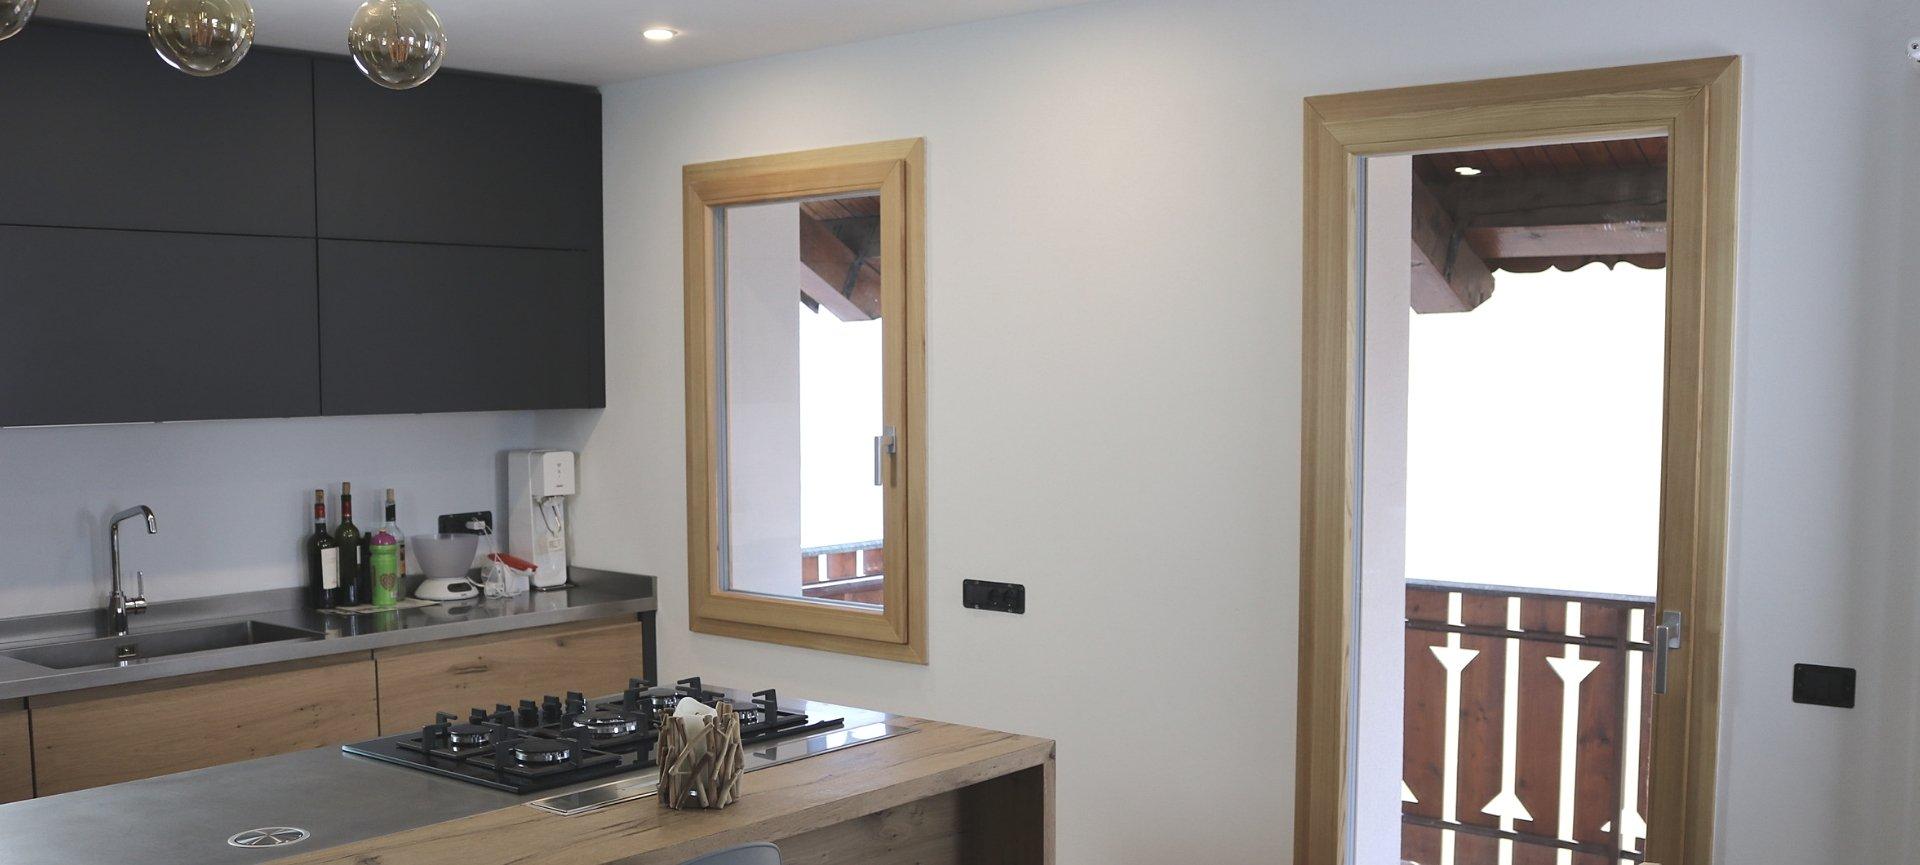 Isolamento acustico finestre casa falegnameria cortese - Finestre isolamento acustico ...